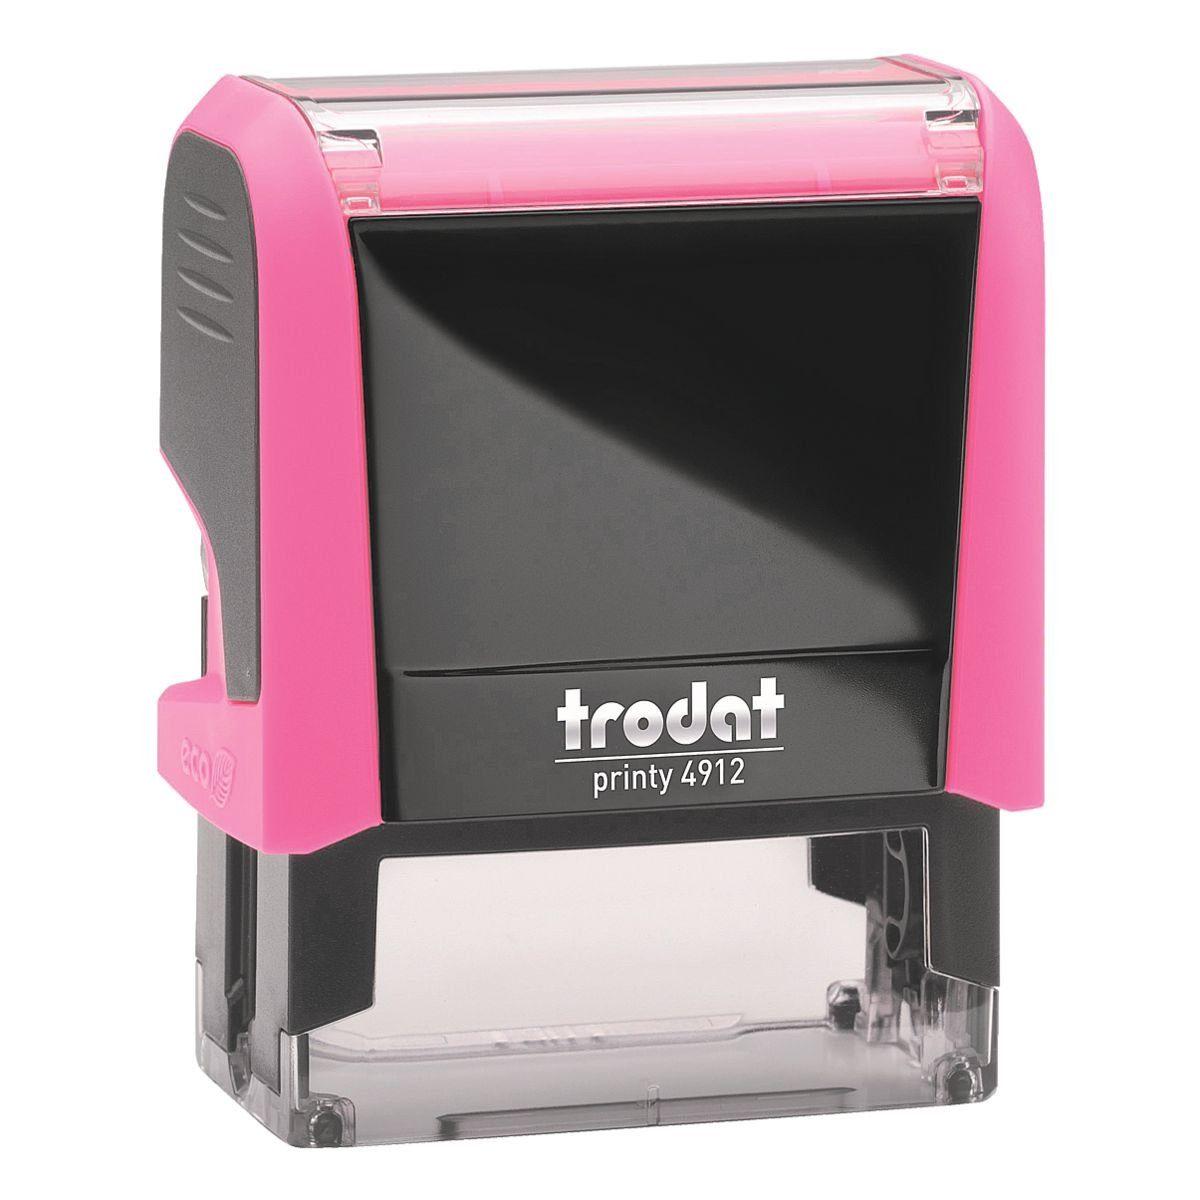 TRODAT Textstempel »Printy 4912« ohne Logo